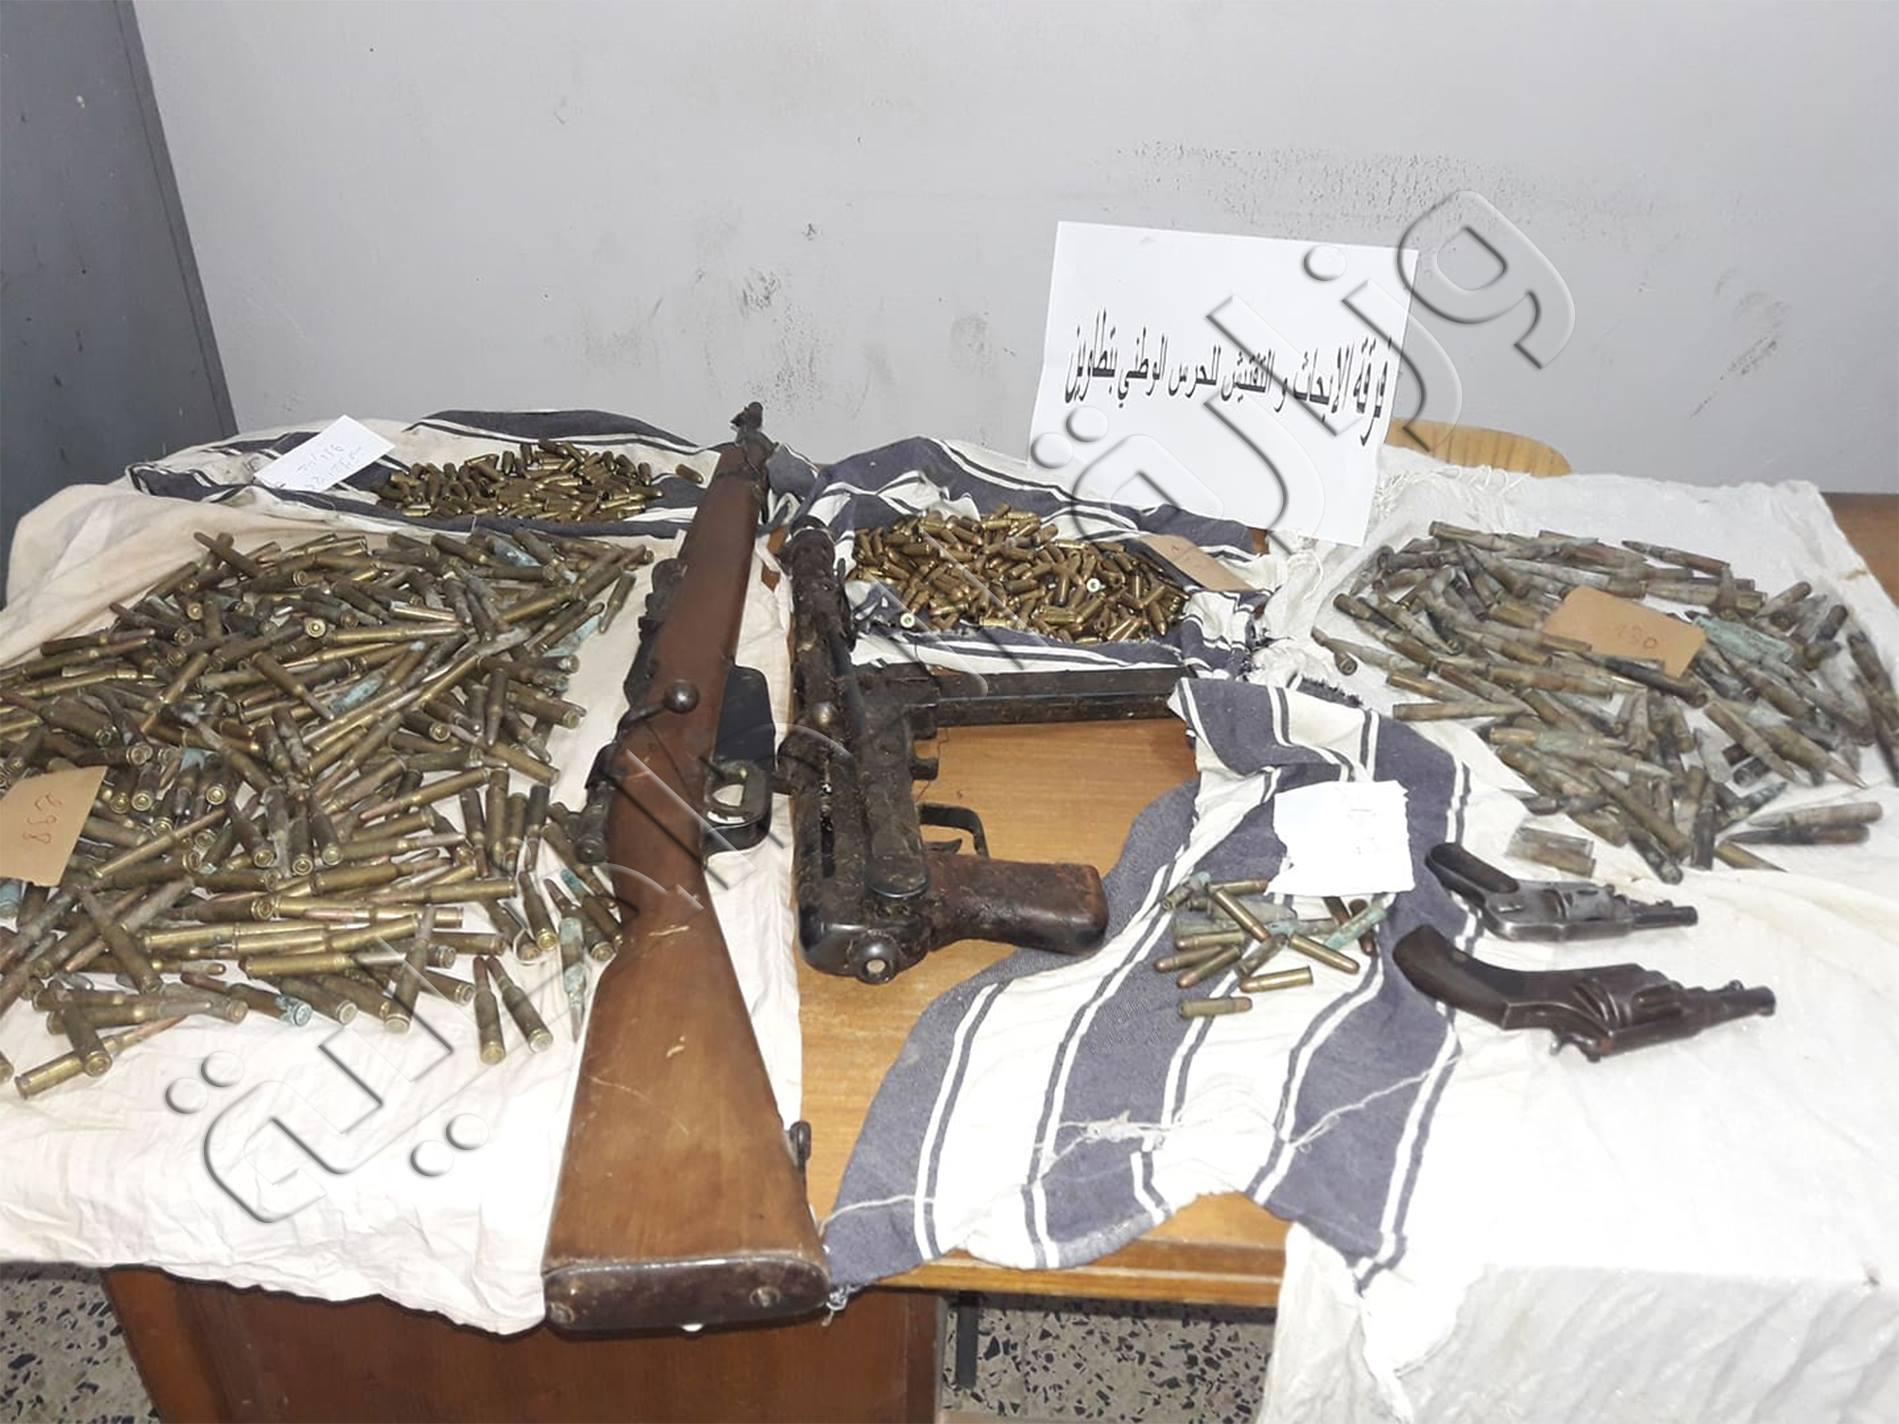 ترسانة الأسلحة بتطاوين: مخبأ أرضي يكشف المزيد (صور)